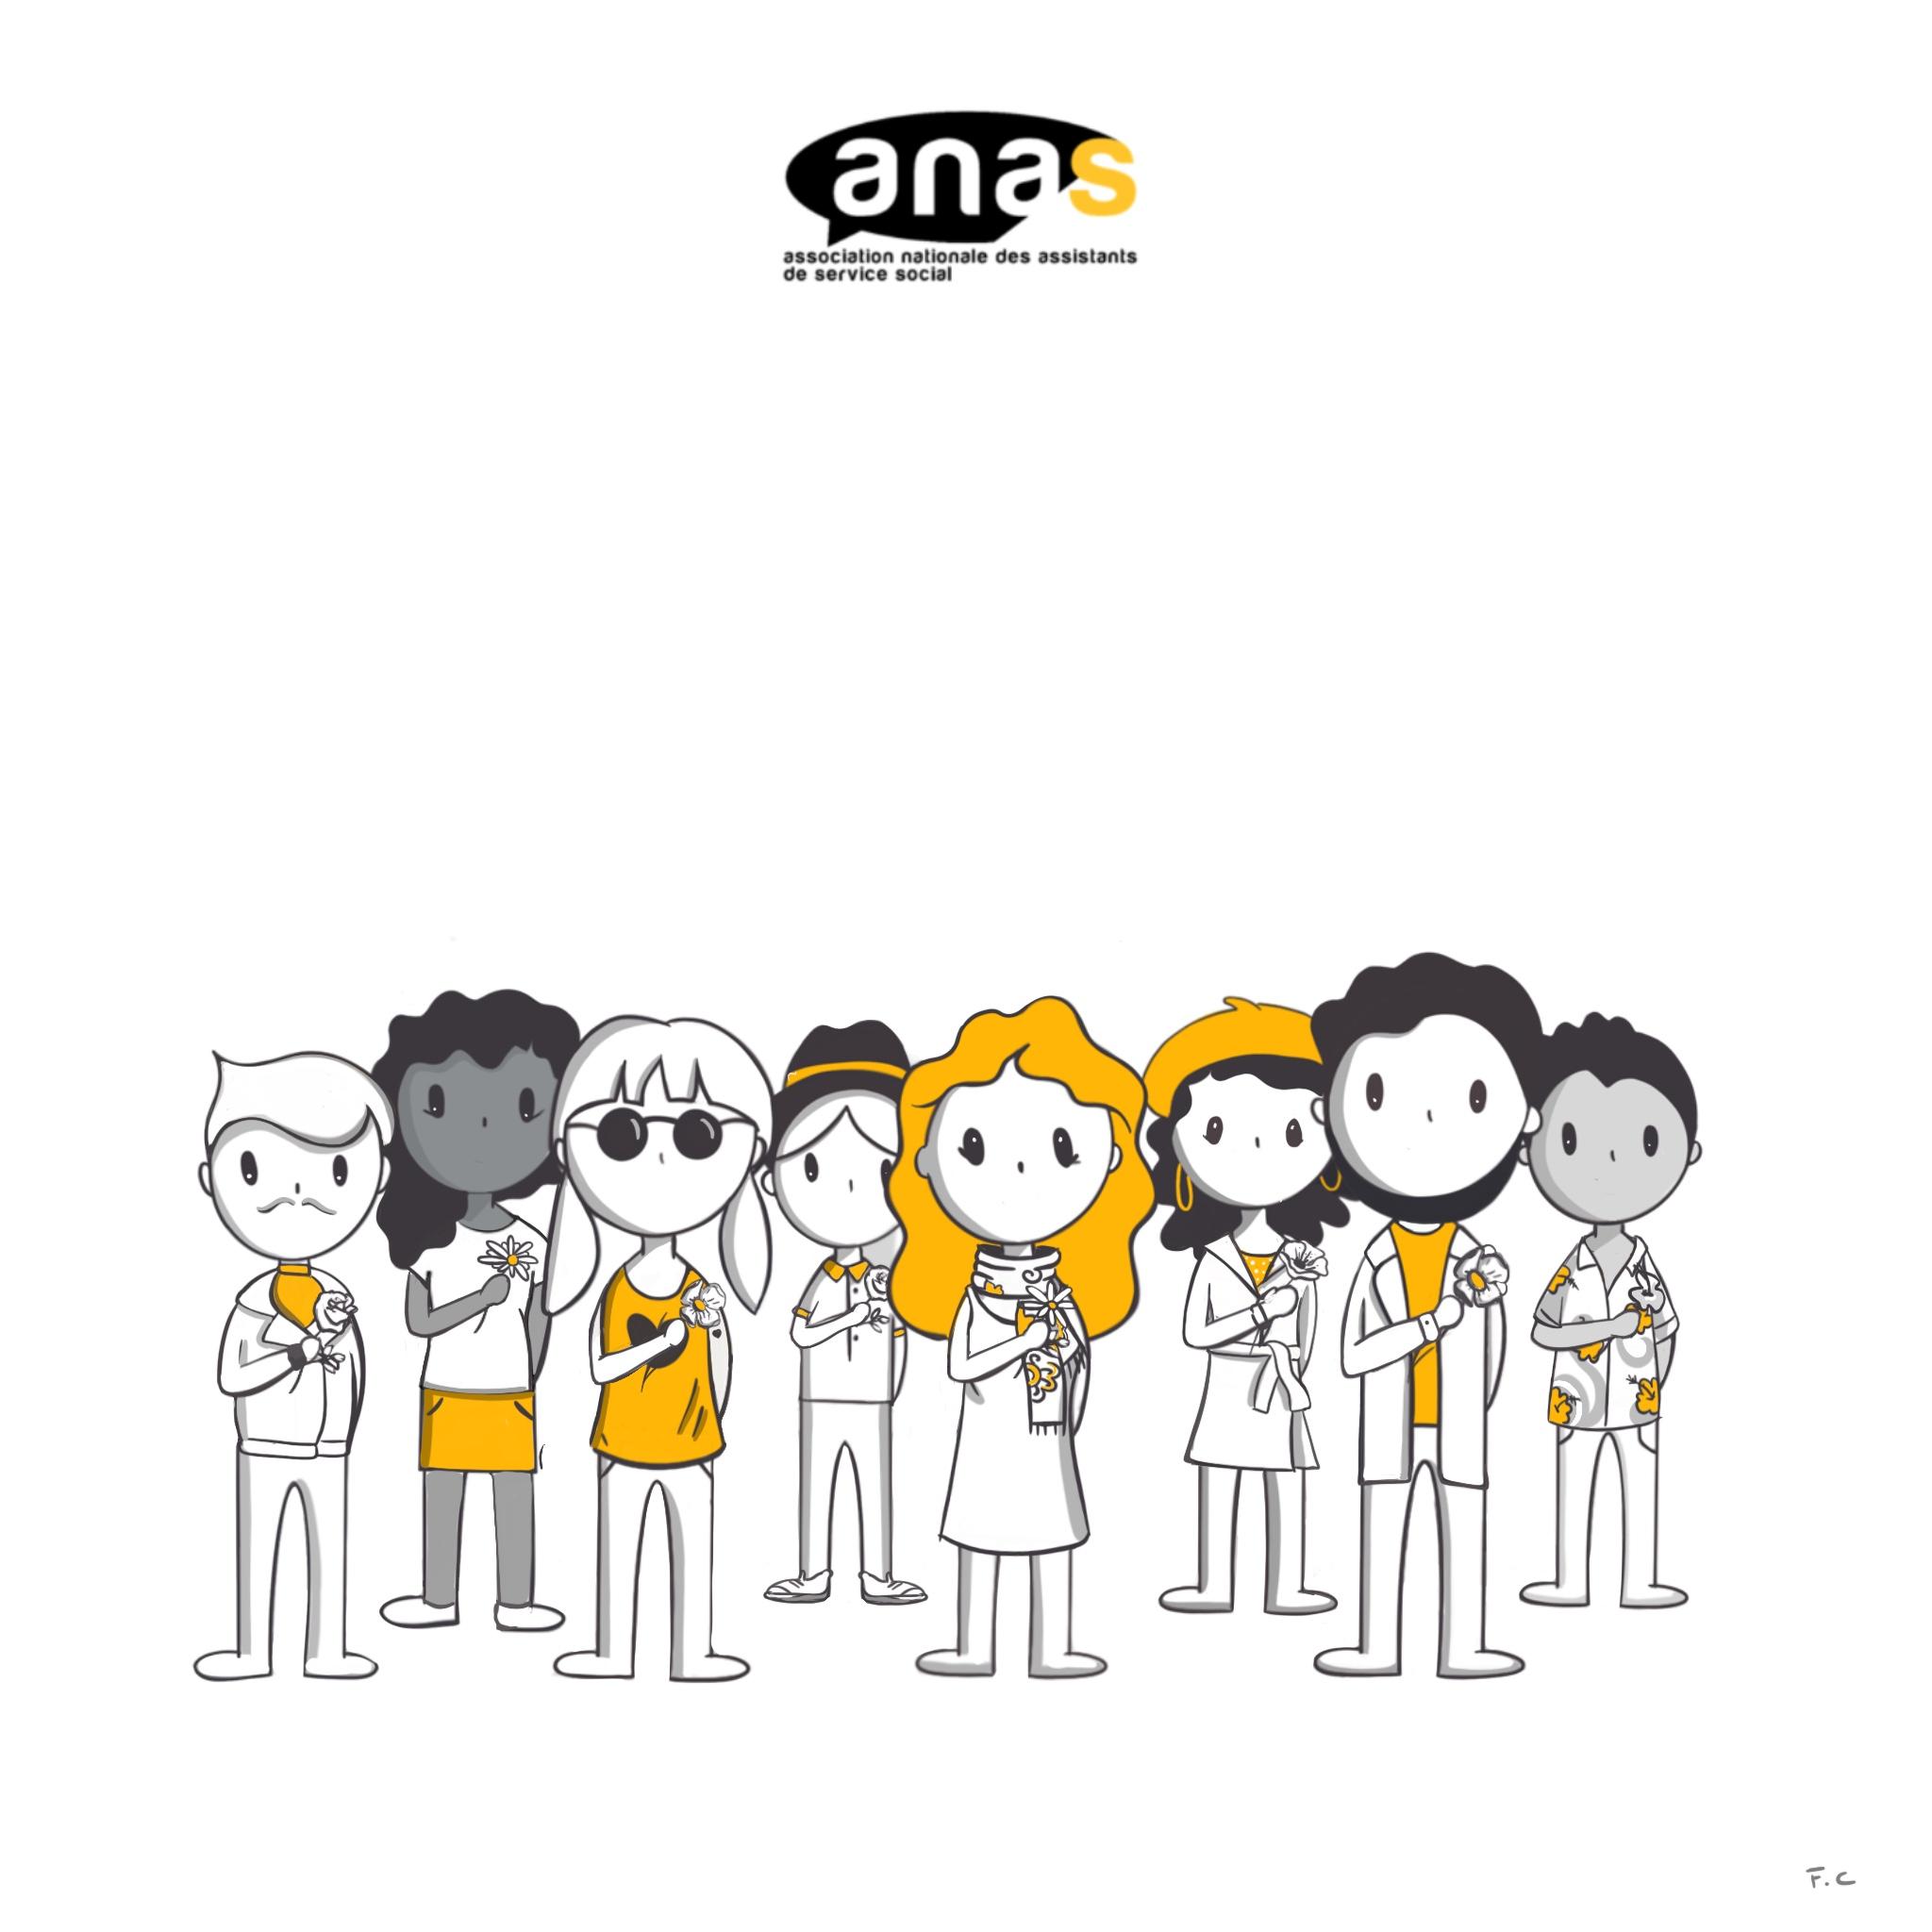 Illustration : Fanny Cé. ANAS - Tous droits réservés